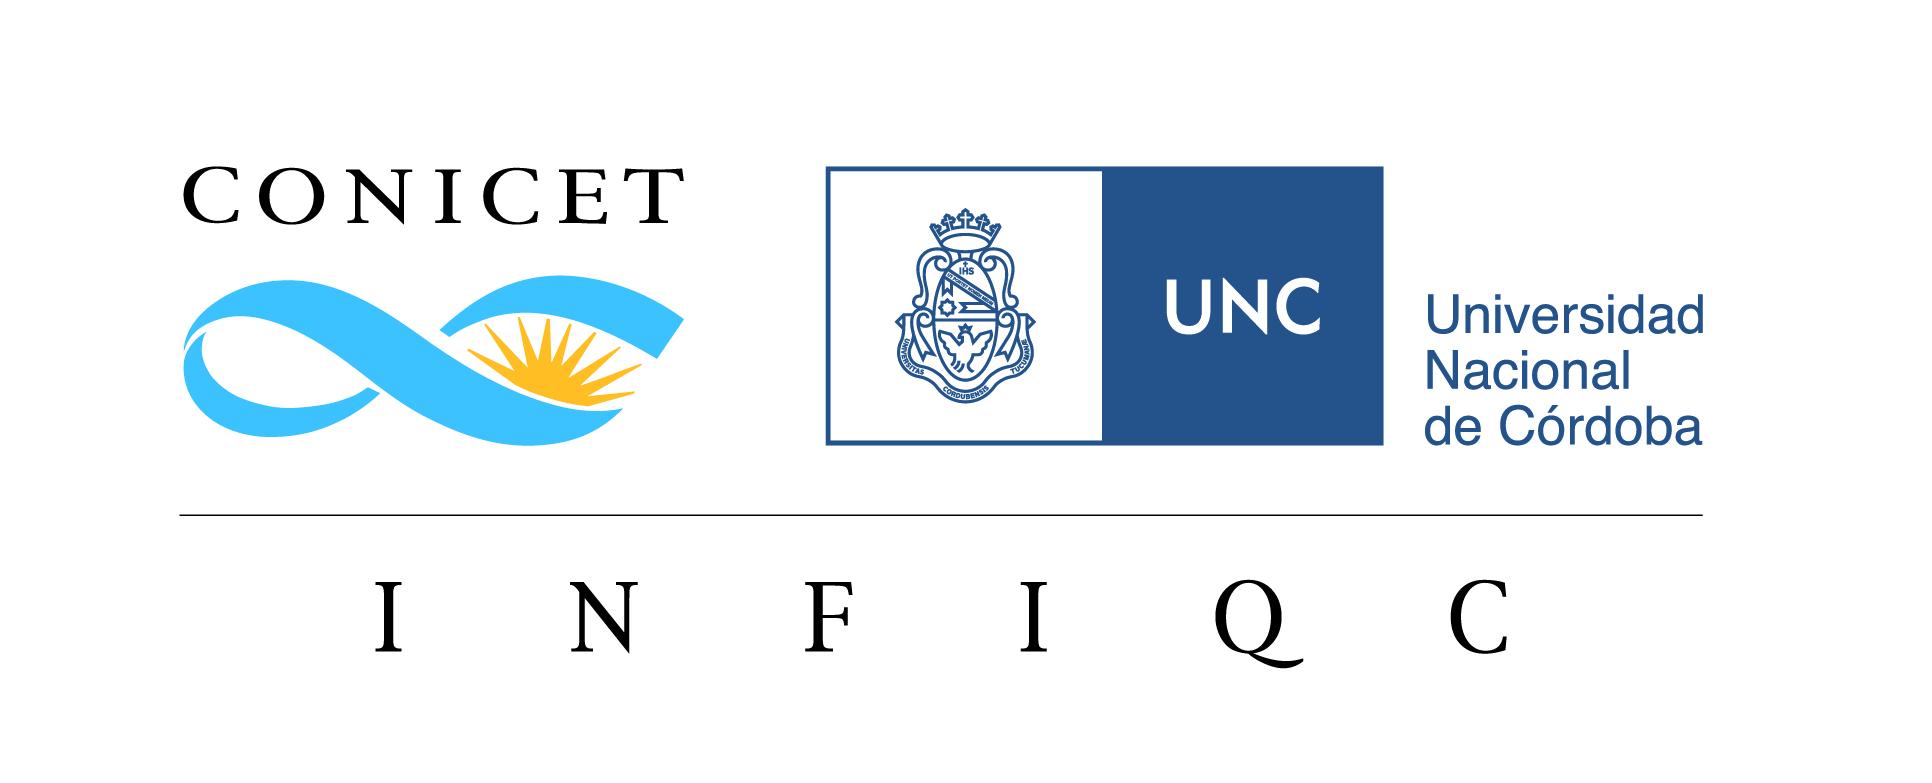 INFIQC-01